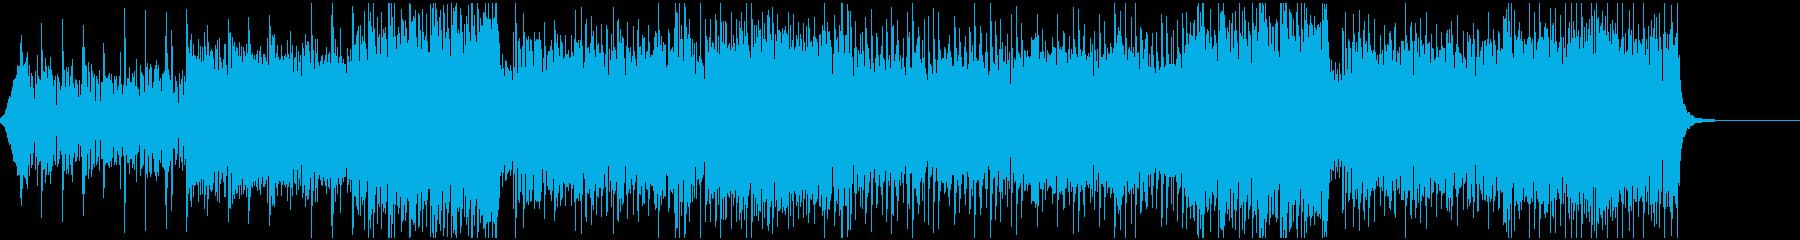 洋楽っぽいEDMの再生済みの波形